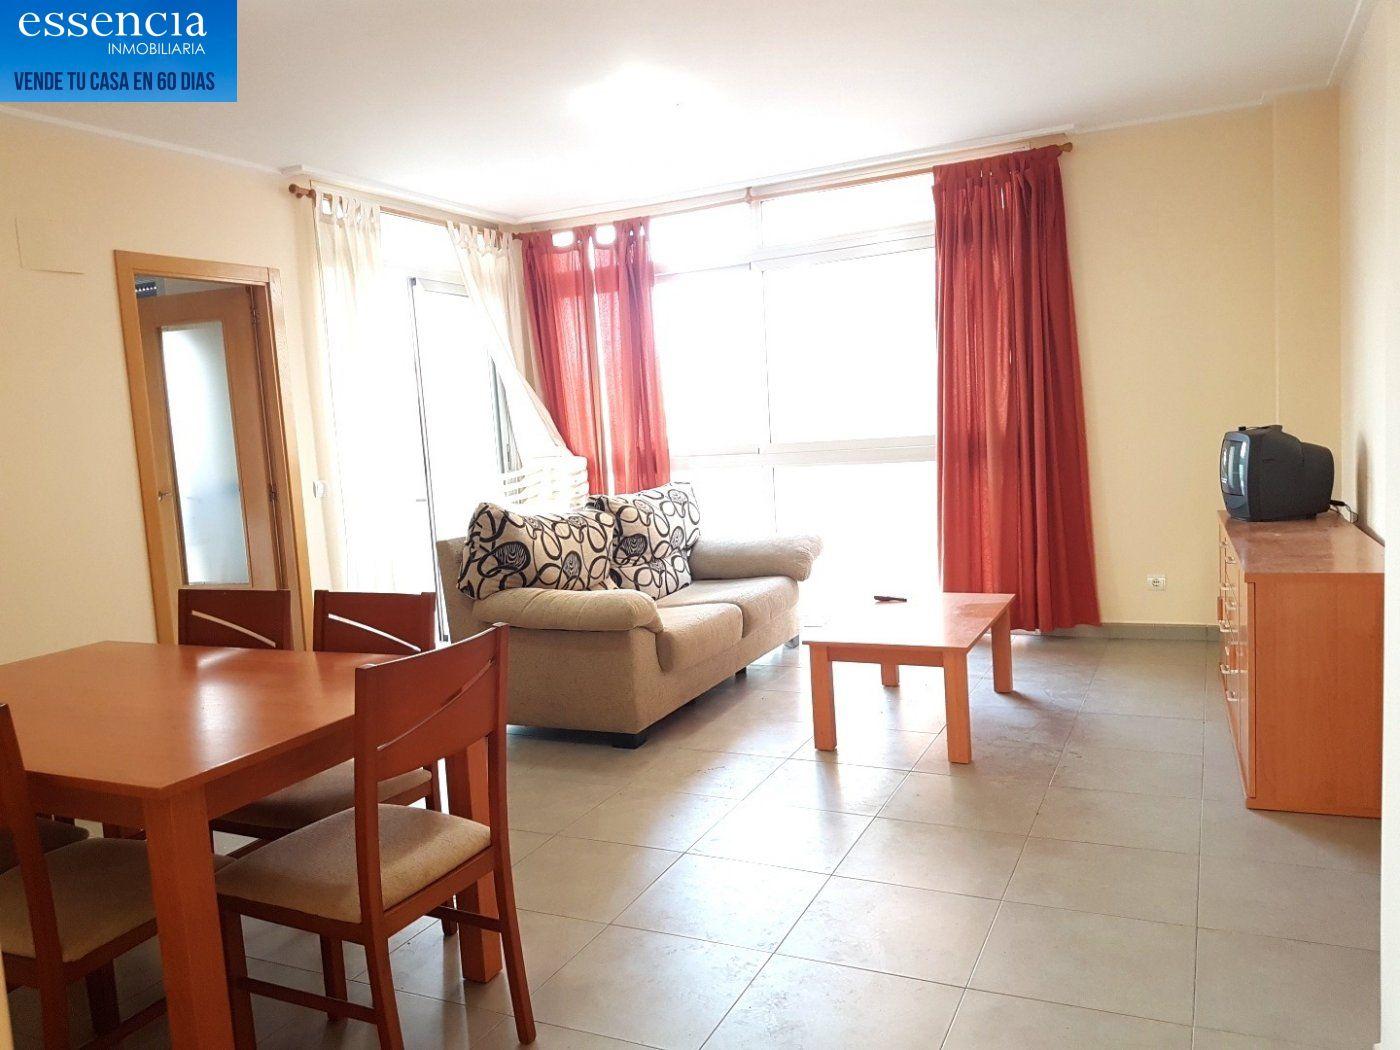 Apartamento con vistas al mar en playa de bellreguard.  garaje y piscina. - imagenInmueble10